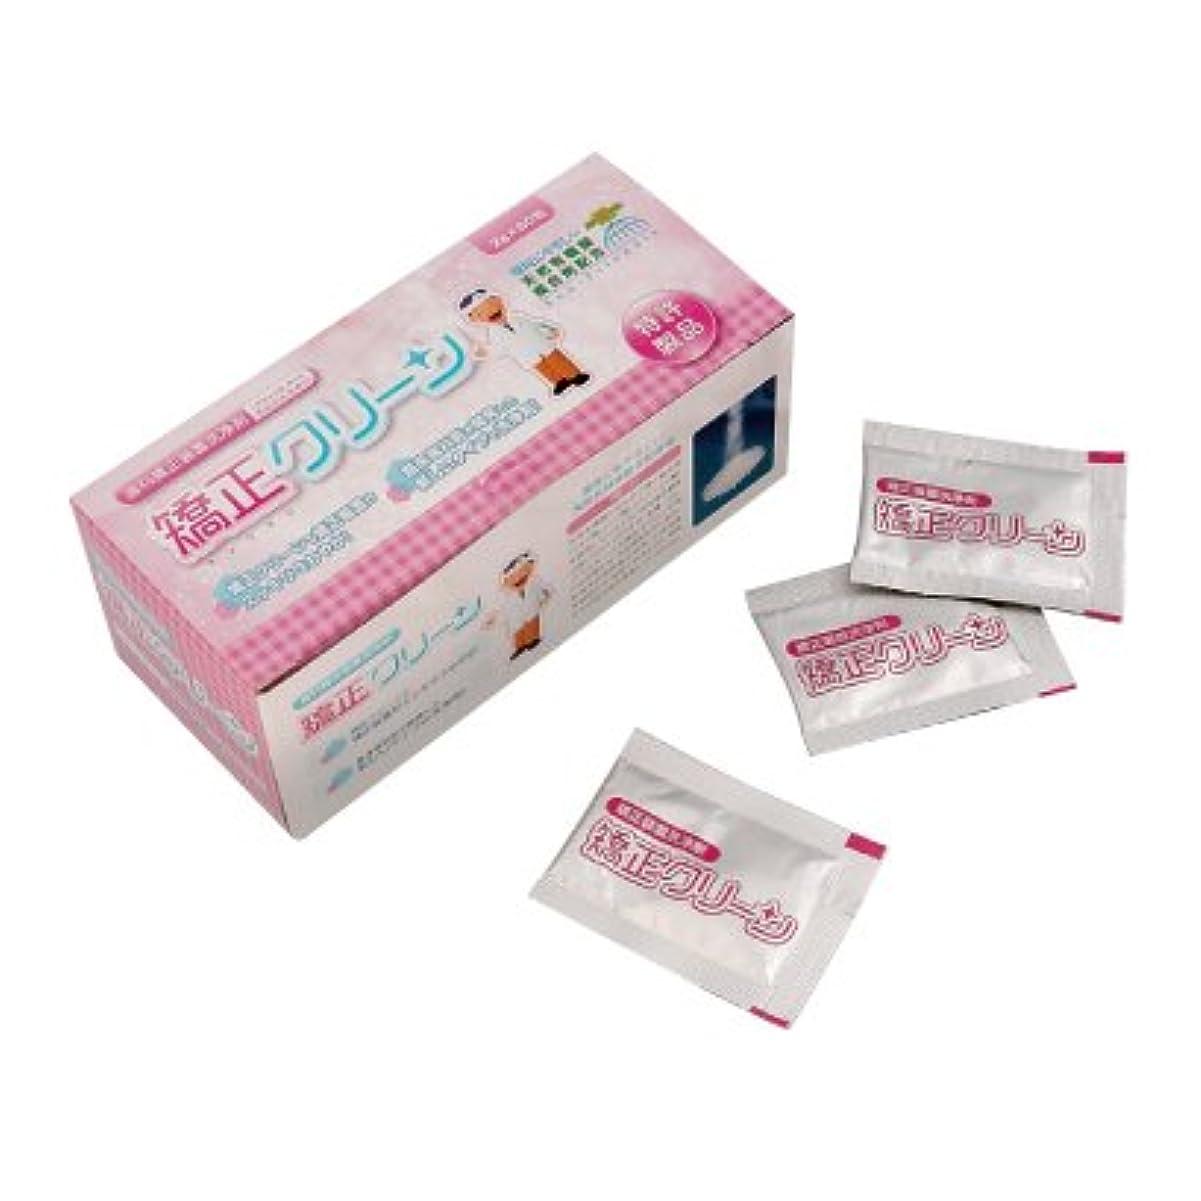 文字通り寮弾性矯正クリーン 1箱(2g×60包入り) 歯科矯正装置用洗浄剤